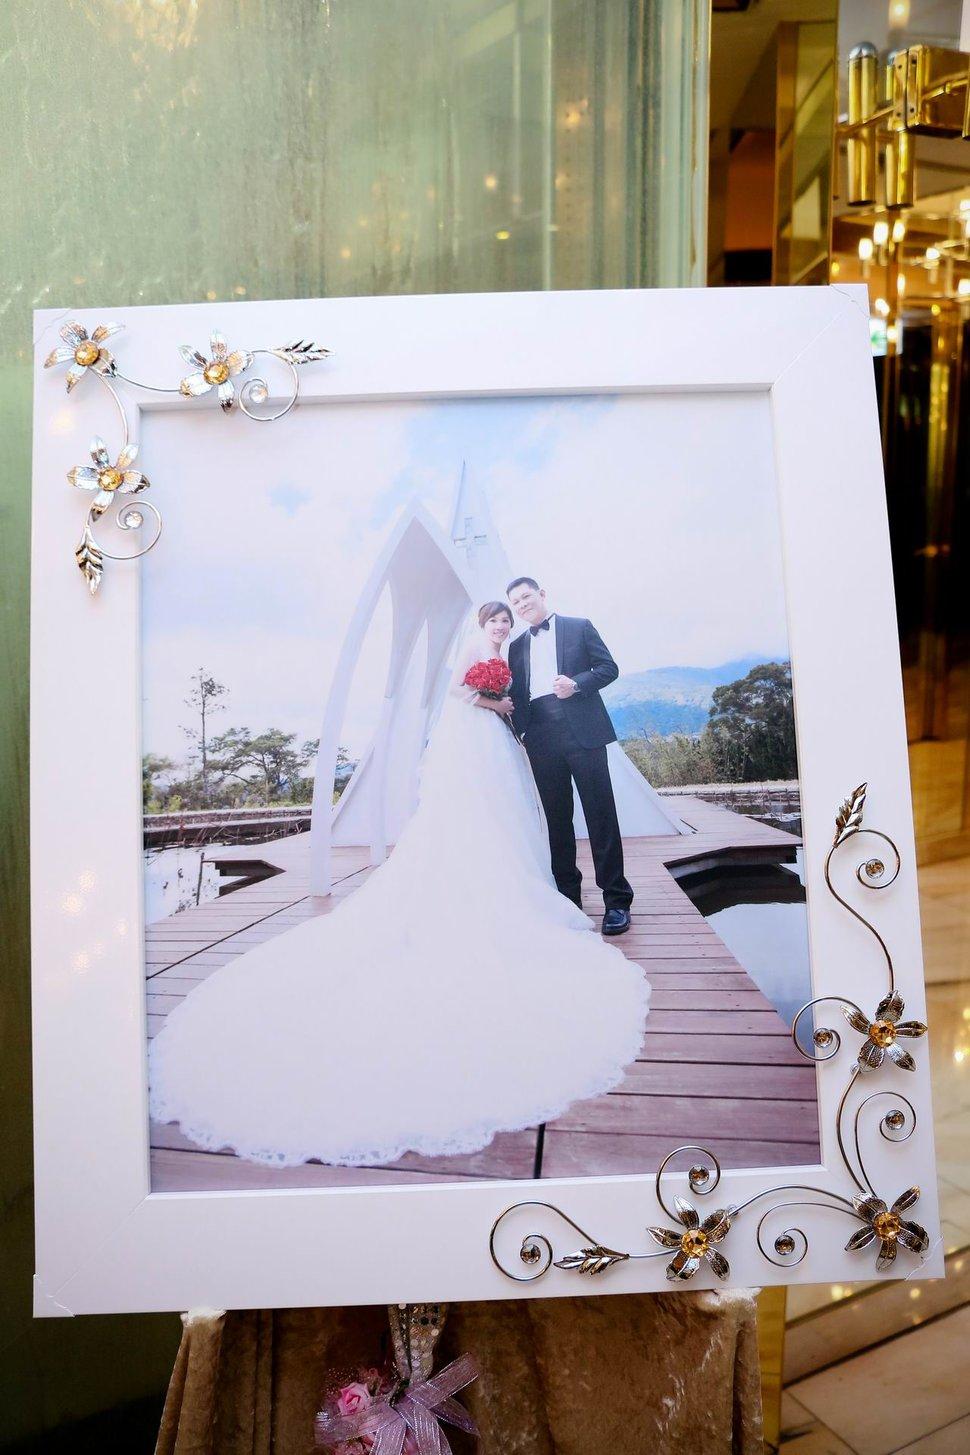 板橋吉立定結餐廳迎娶文定婚禮記錄結婚迎娶婚禮攝影動態微電影錄影專業錄影平面攝影影婚禮主持人(編號:197021) - 蜜月拍照10800錄影12800攝影團隊 - 結婚吧